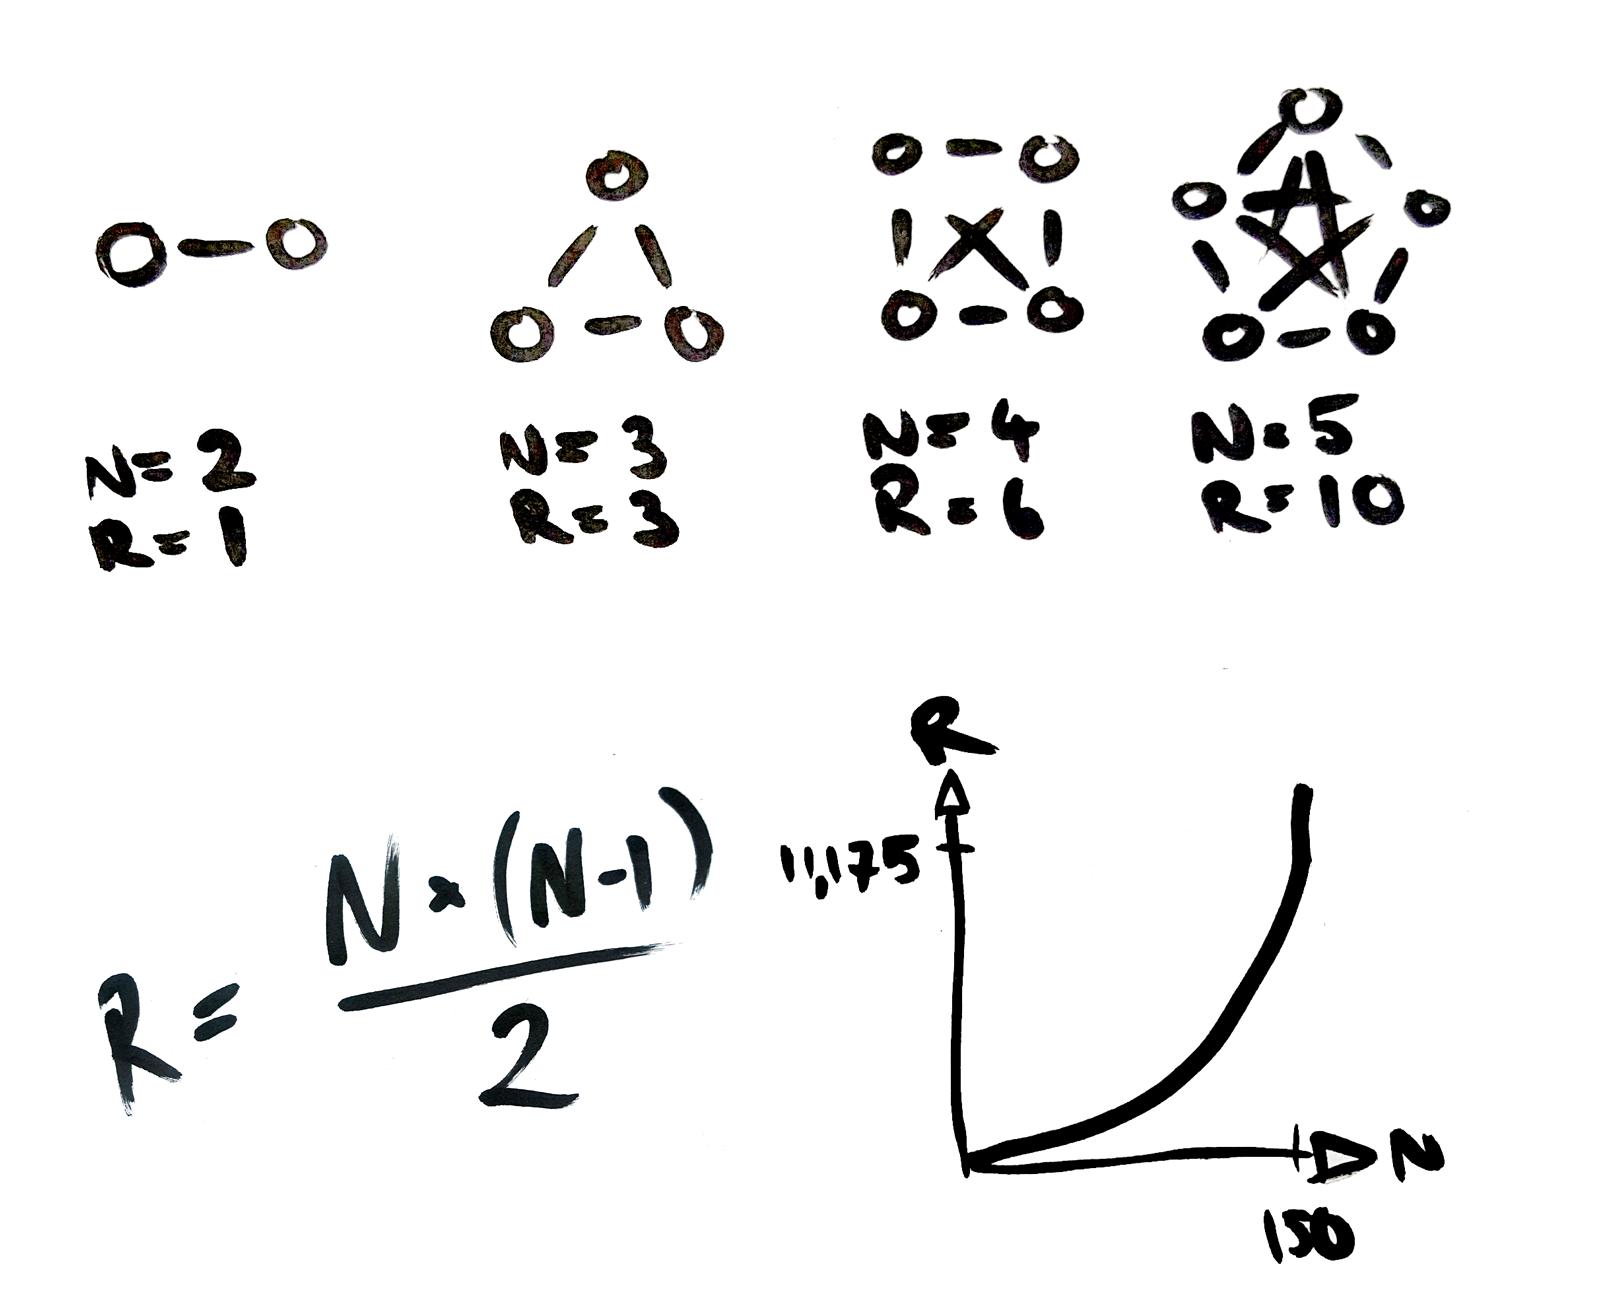 The number of relationships R in a group of N members: R = (N x N-1) ÷ 2